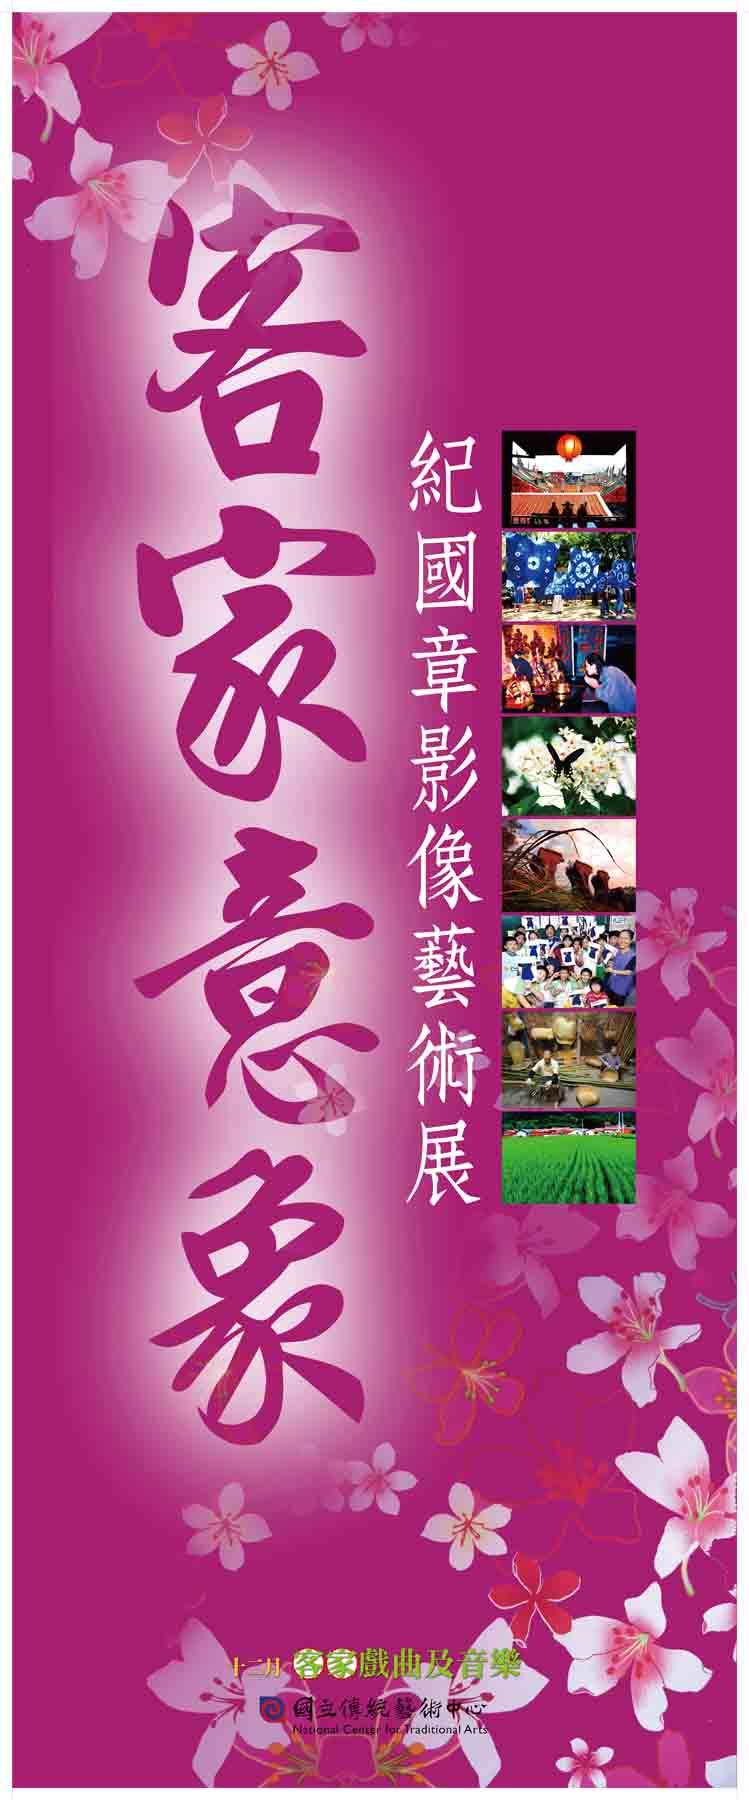 紀國章老師客家意像展覽海報(2007-12).jpg